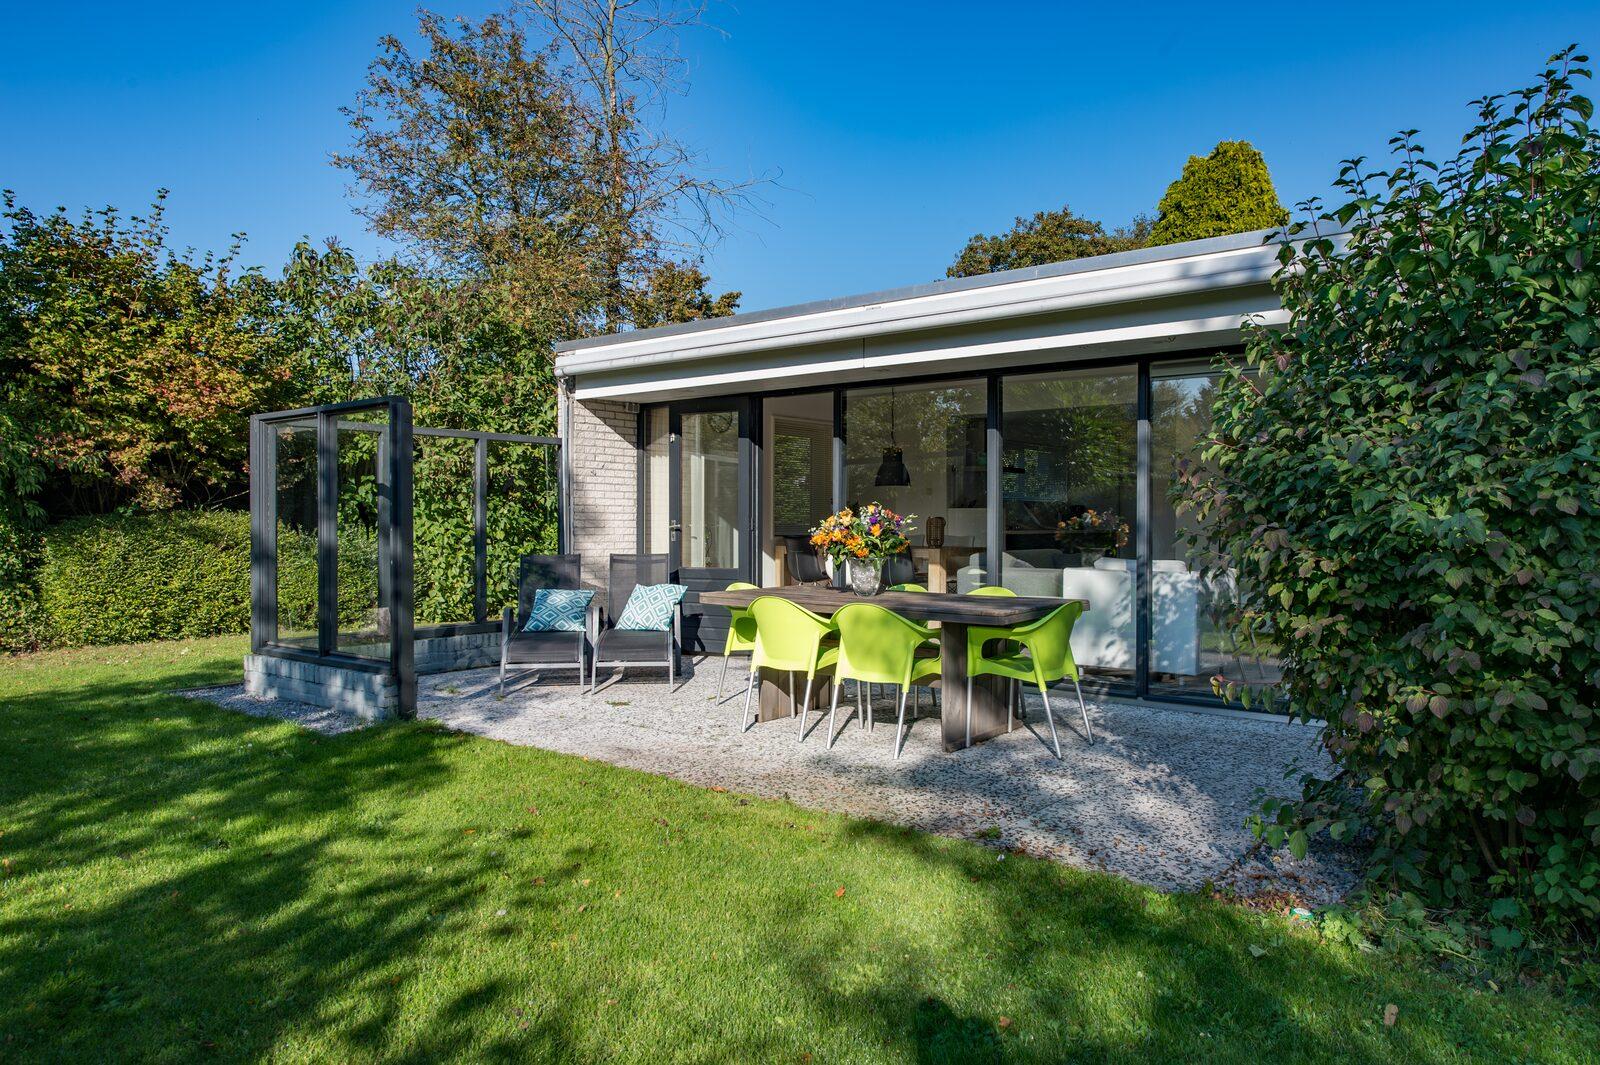 Ferienhaus Zeeland populierenlaan 1 ruiterplaat